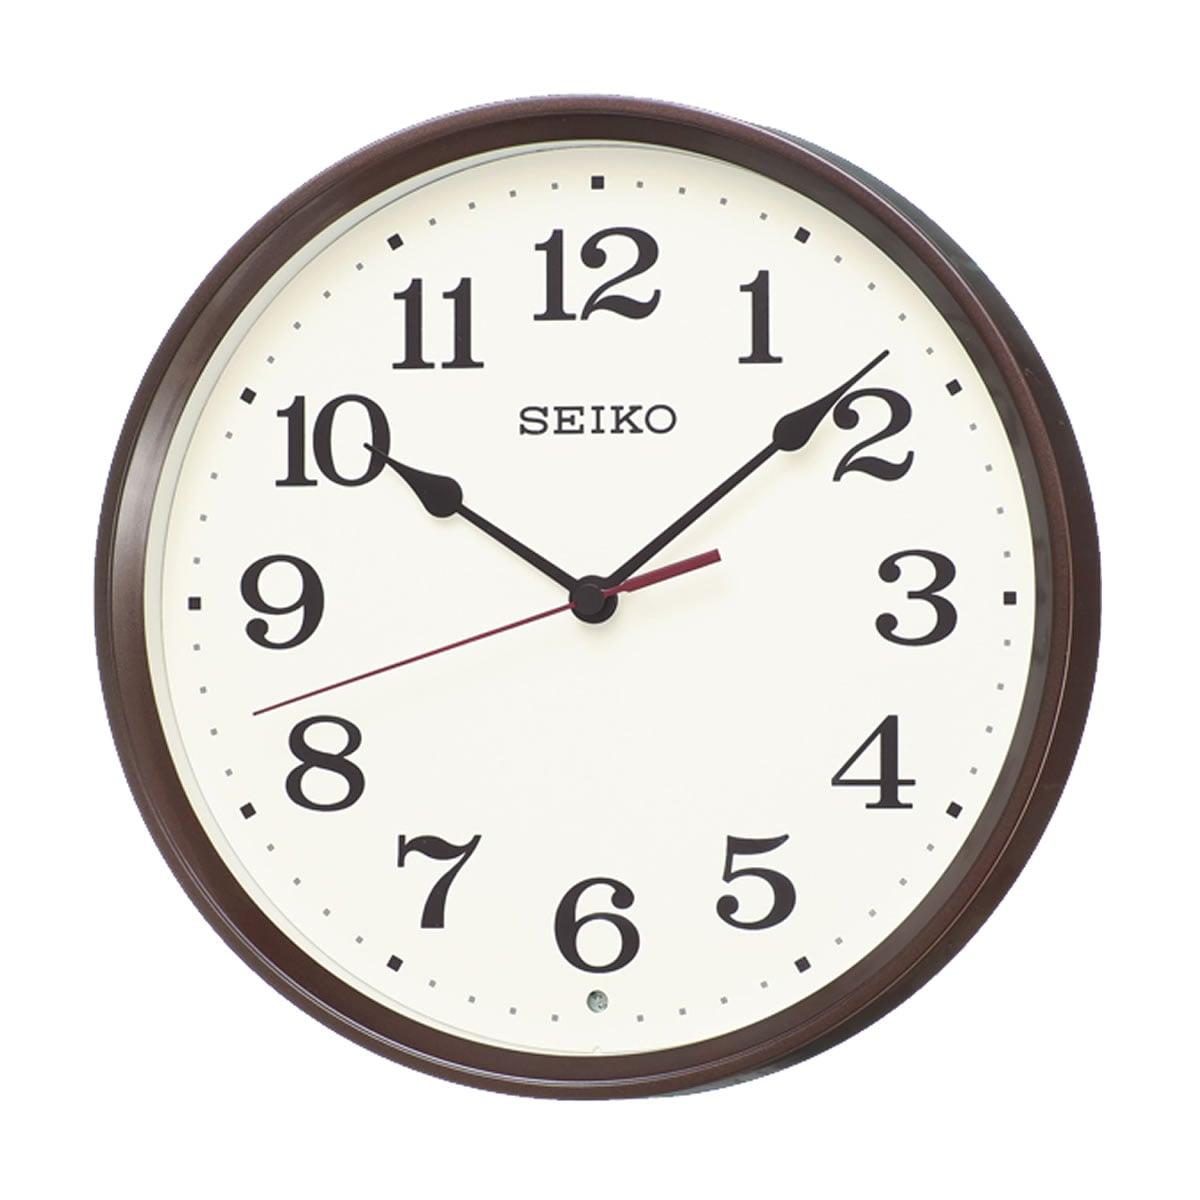 SEIKO(セイコー)スタンダード 電波掛け時計 KX223B 茶メタリック